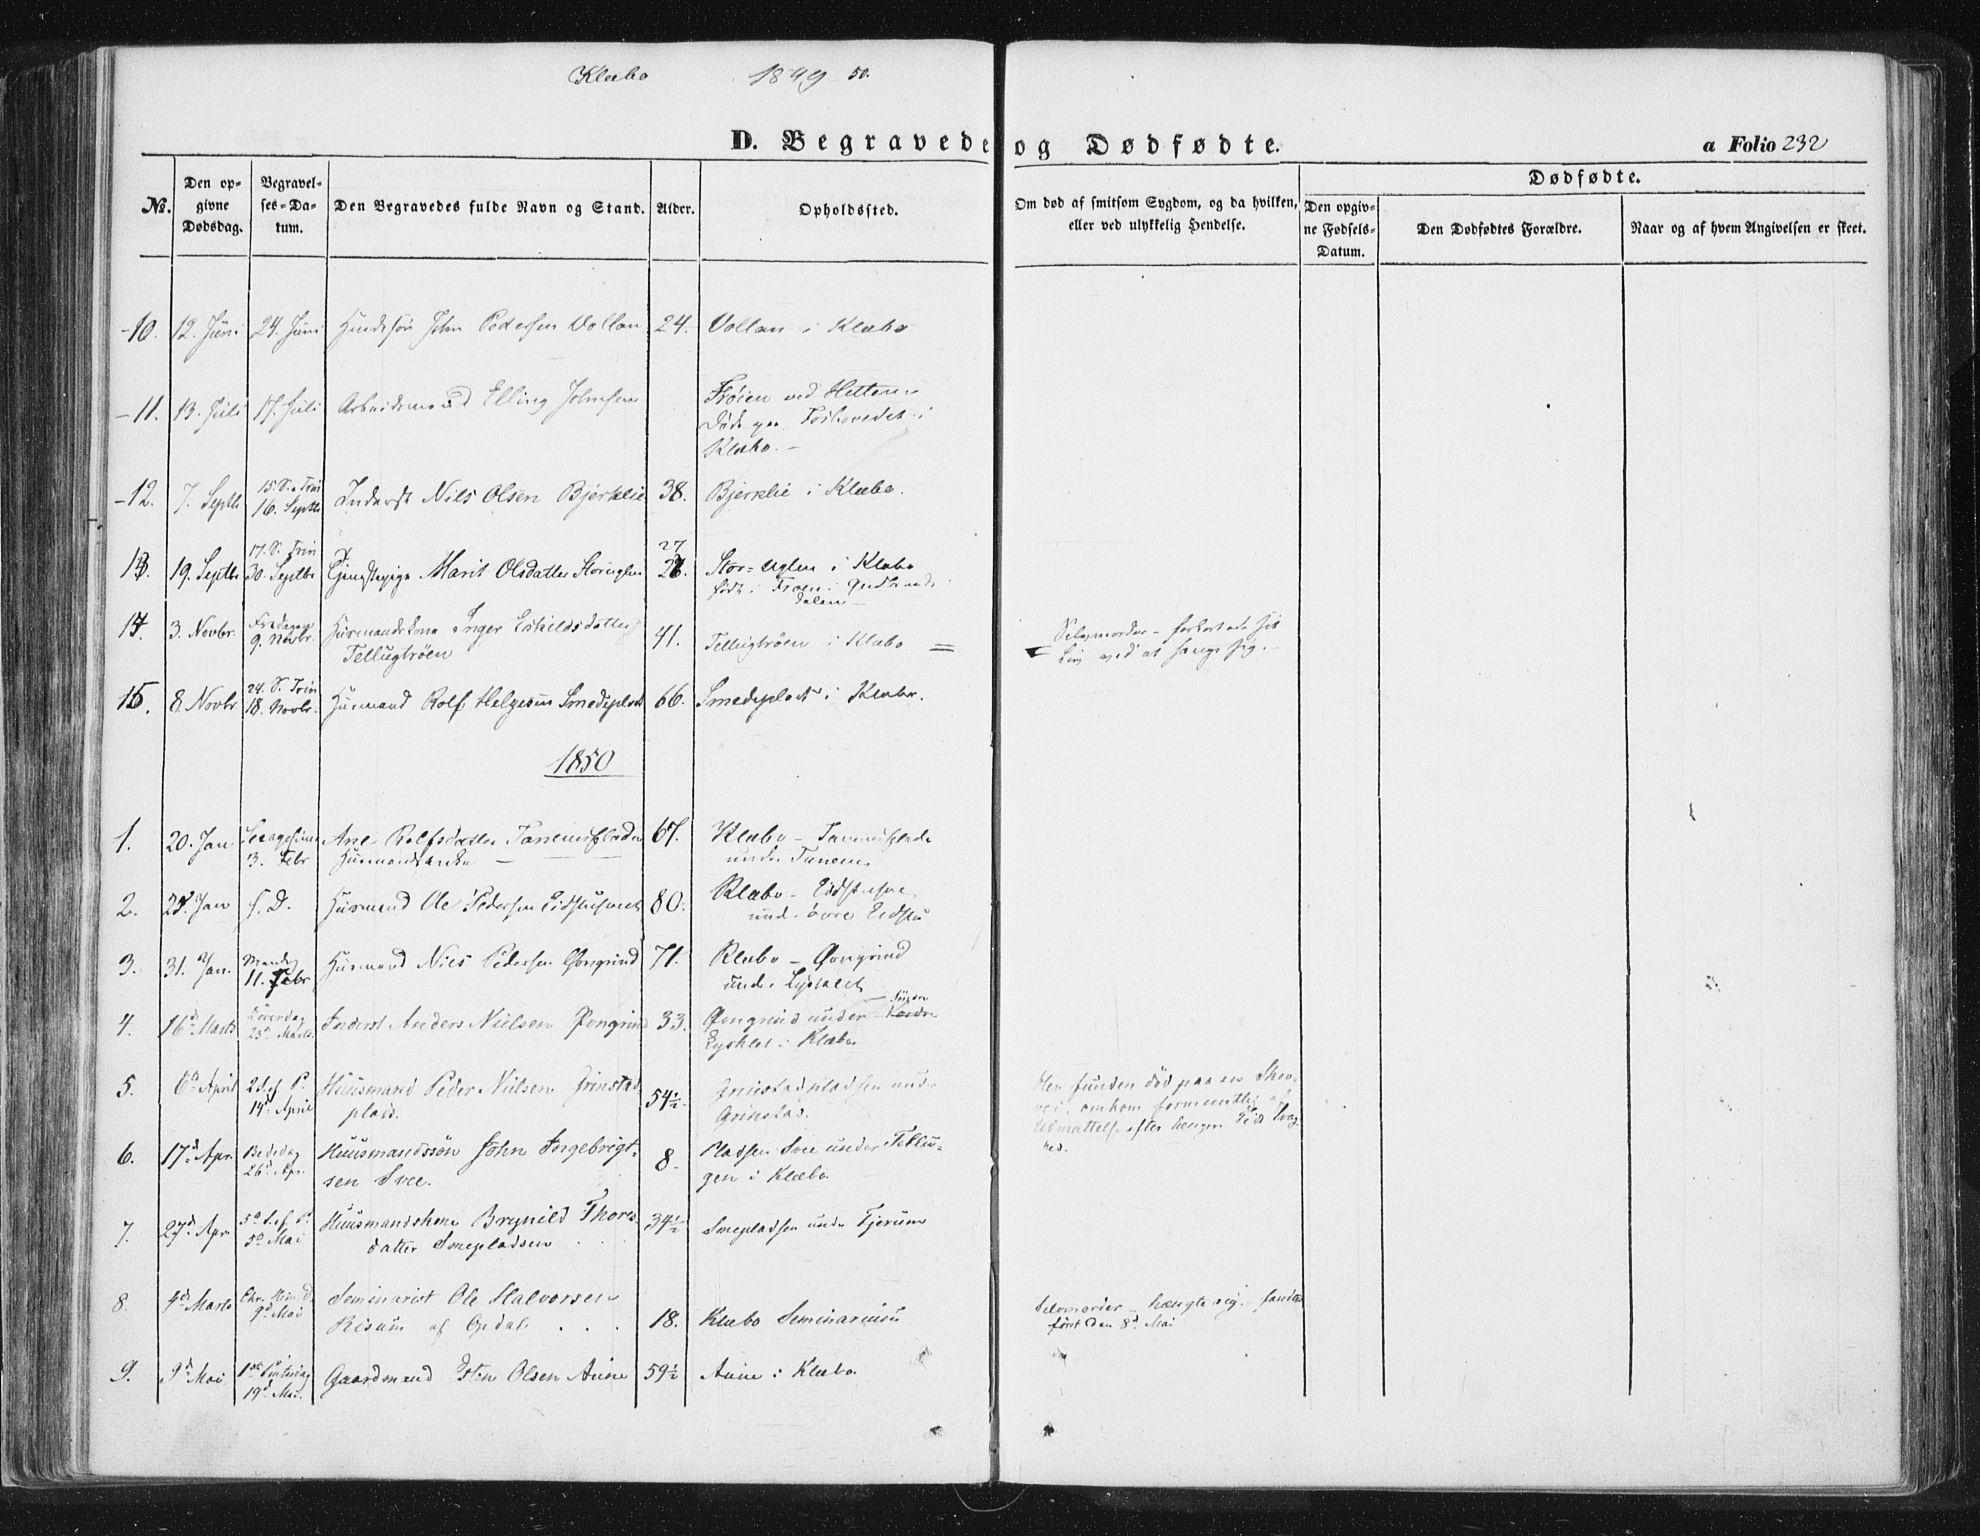 SAT, Ministerialprotokoller, klokkerbøker og fødselsregistre - Sør-Trøndelag, 618/L0441: Ministerialbok nr. 618A05, 1843-1862, s. 232